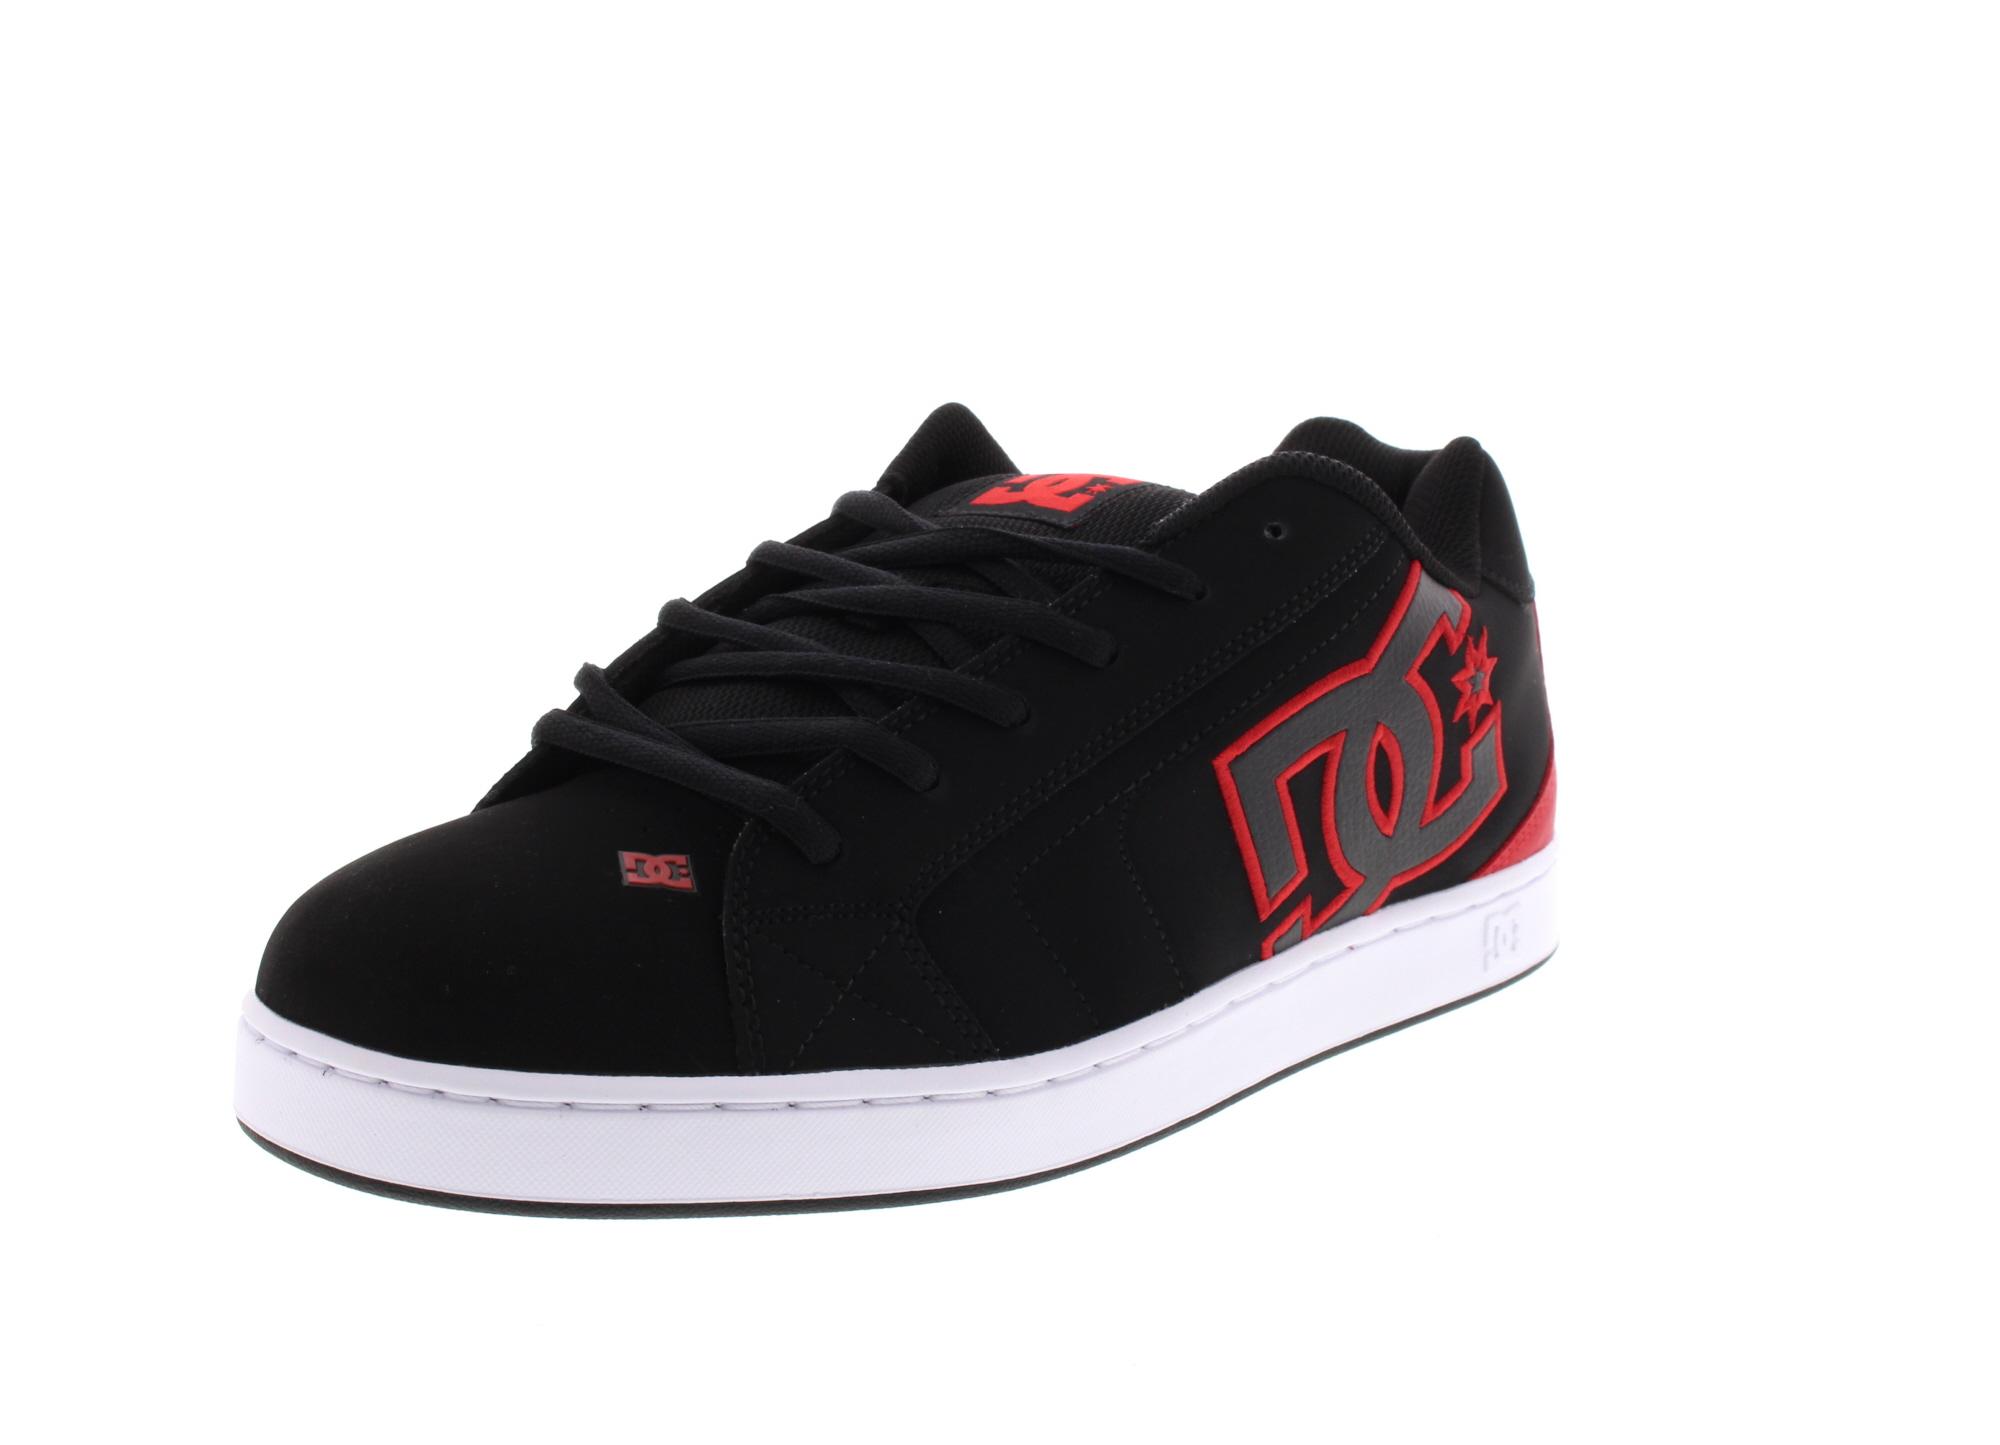 DC Schuhe in Übergrößen - Sneaker NET 302361 black red